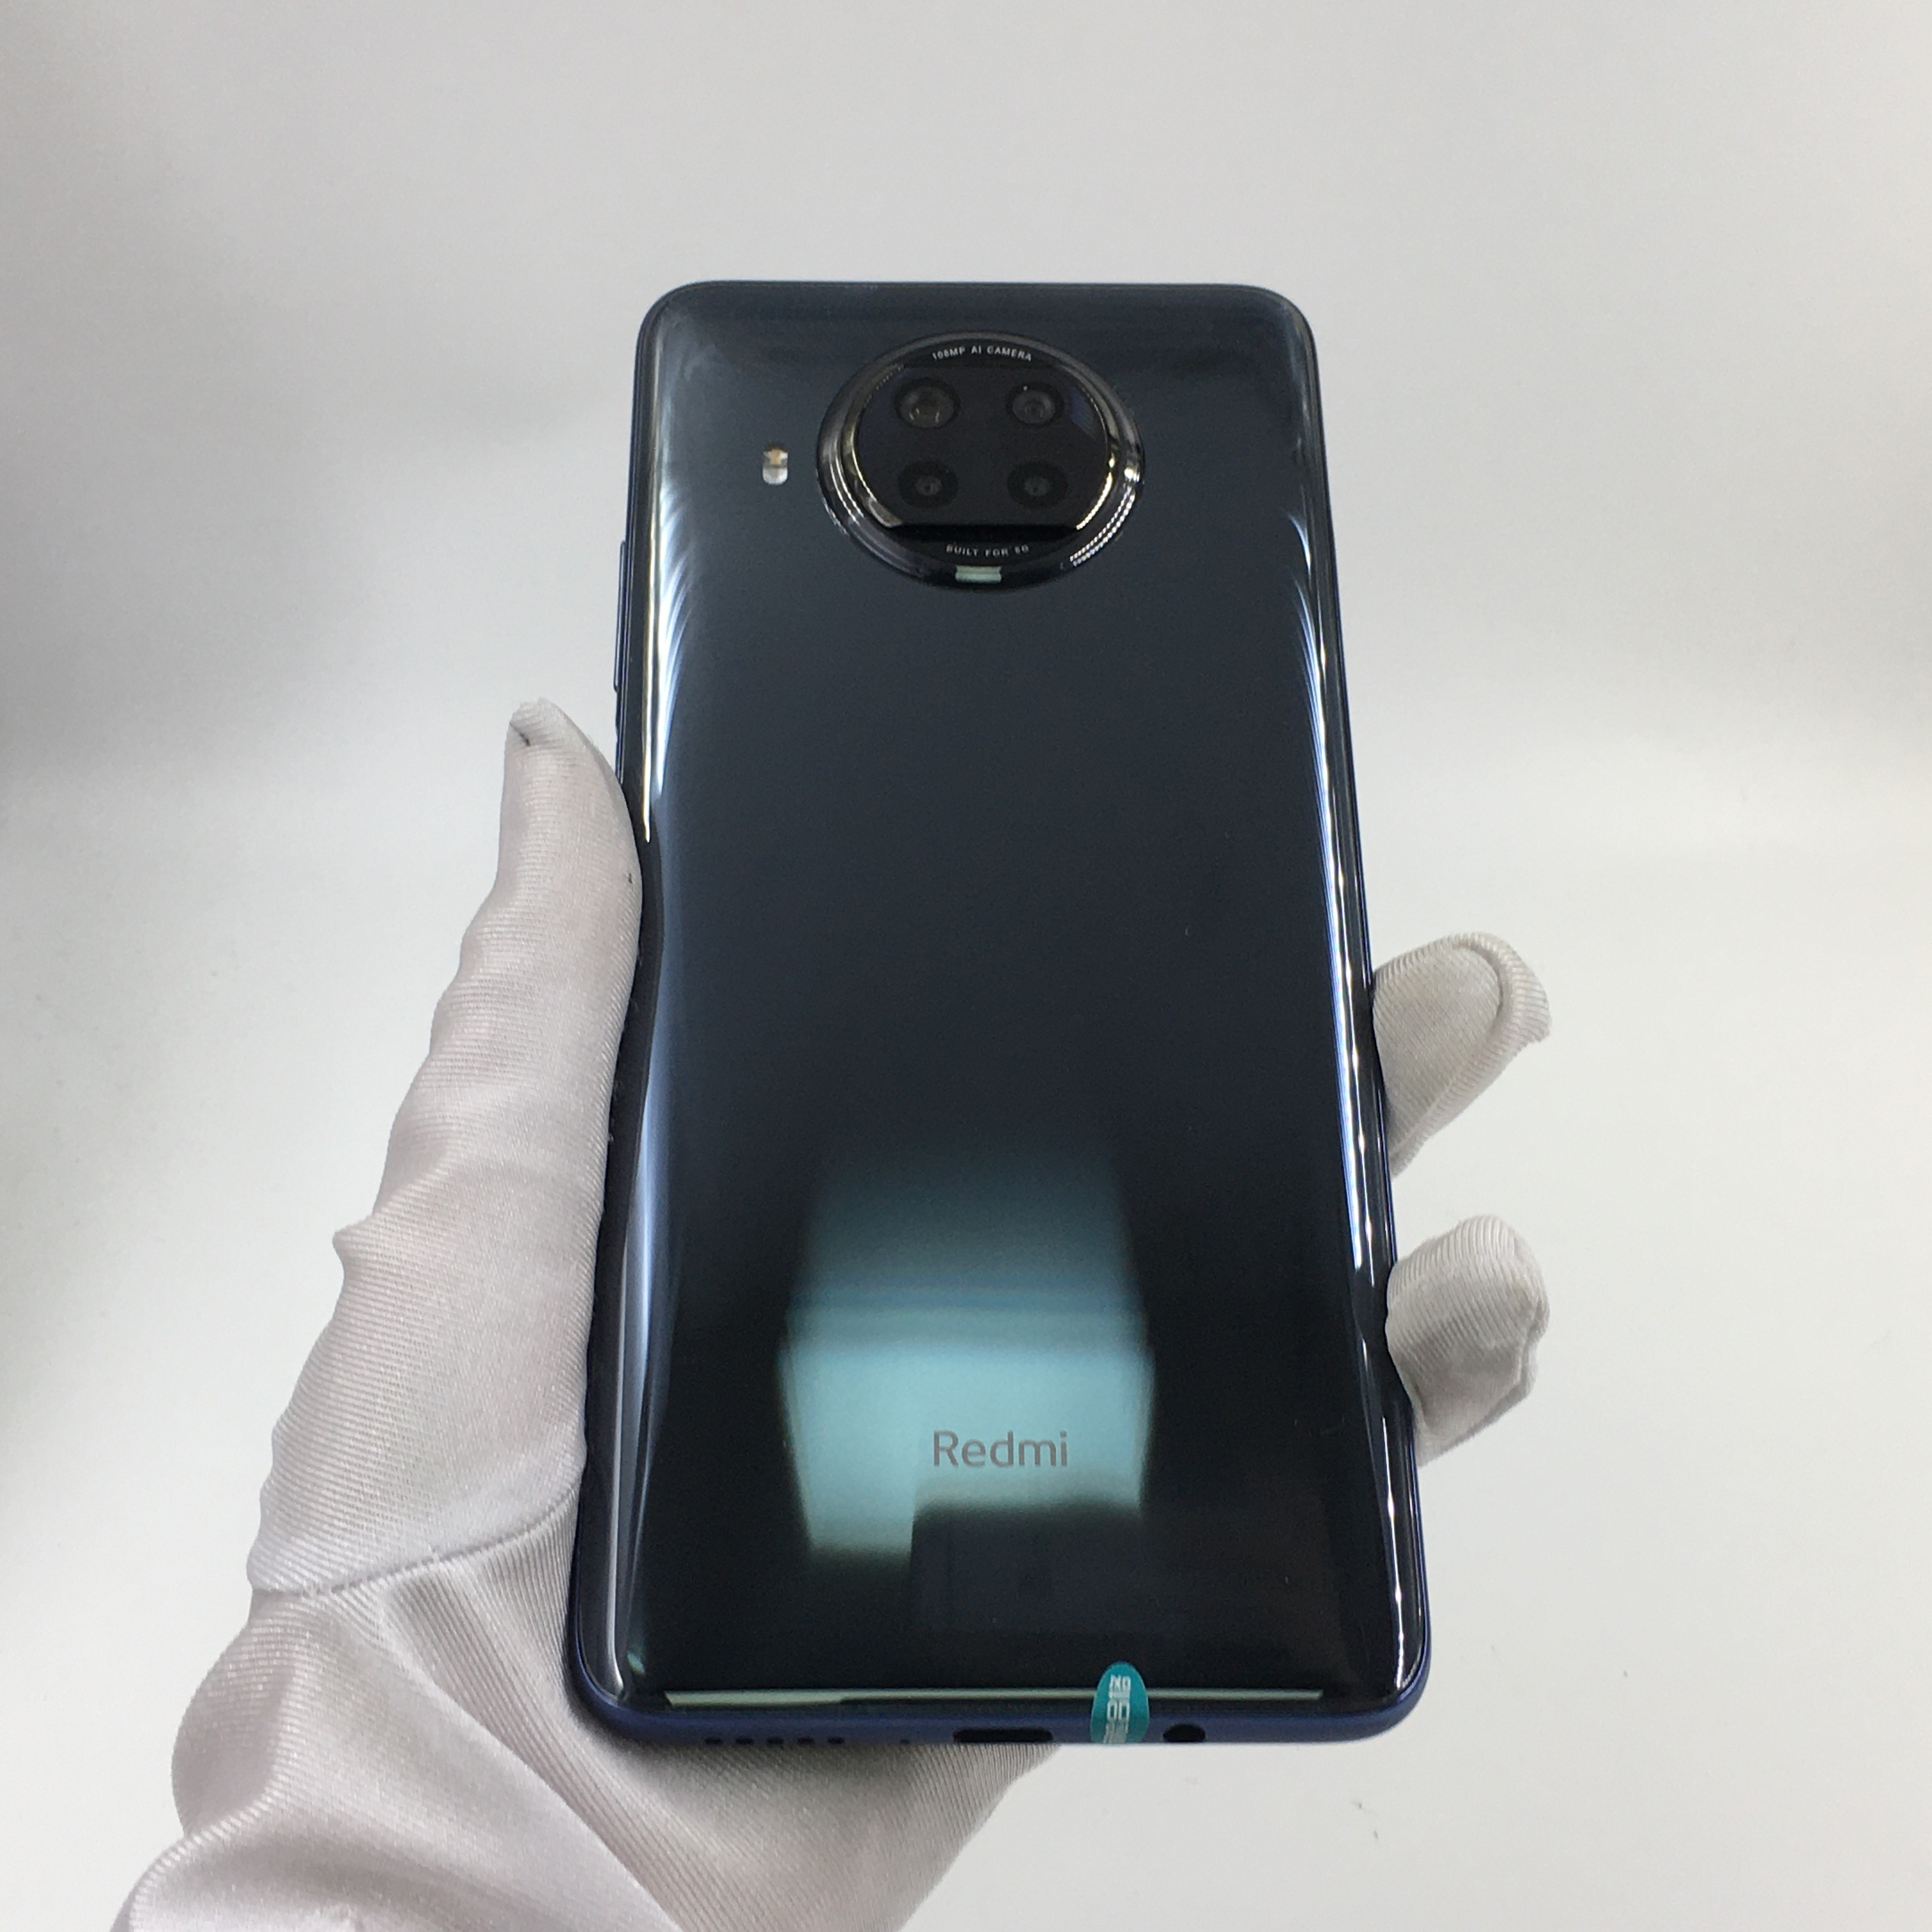 小米【Redmi Note 9 Pro 5G】5G全网通 静默星空 8G/256G 国行 95新 8G/256G真机实拍